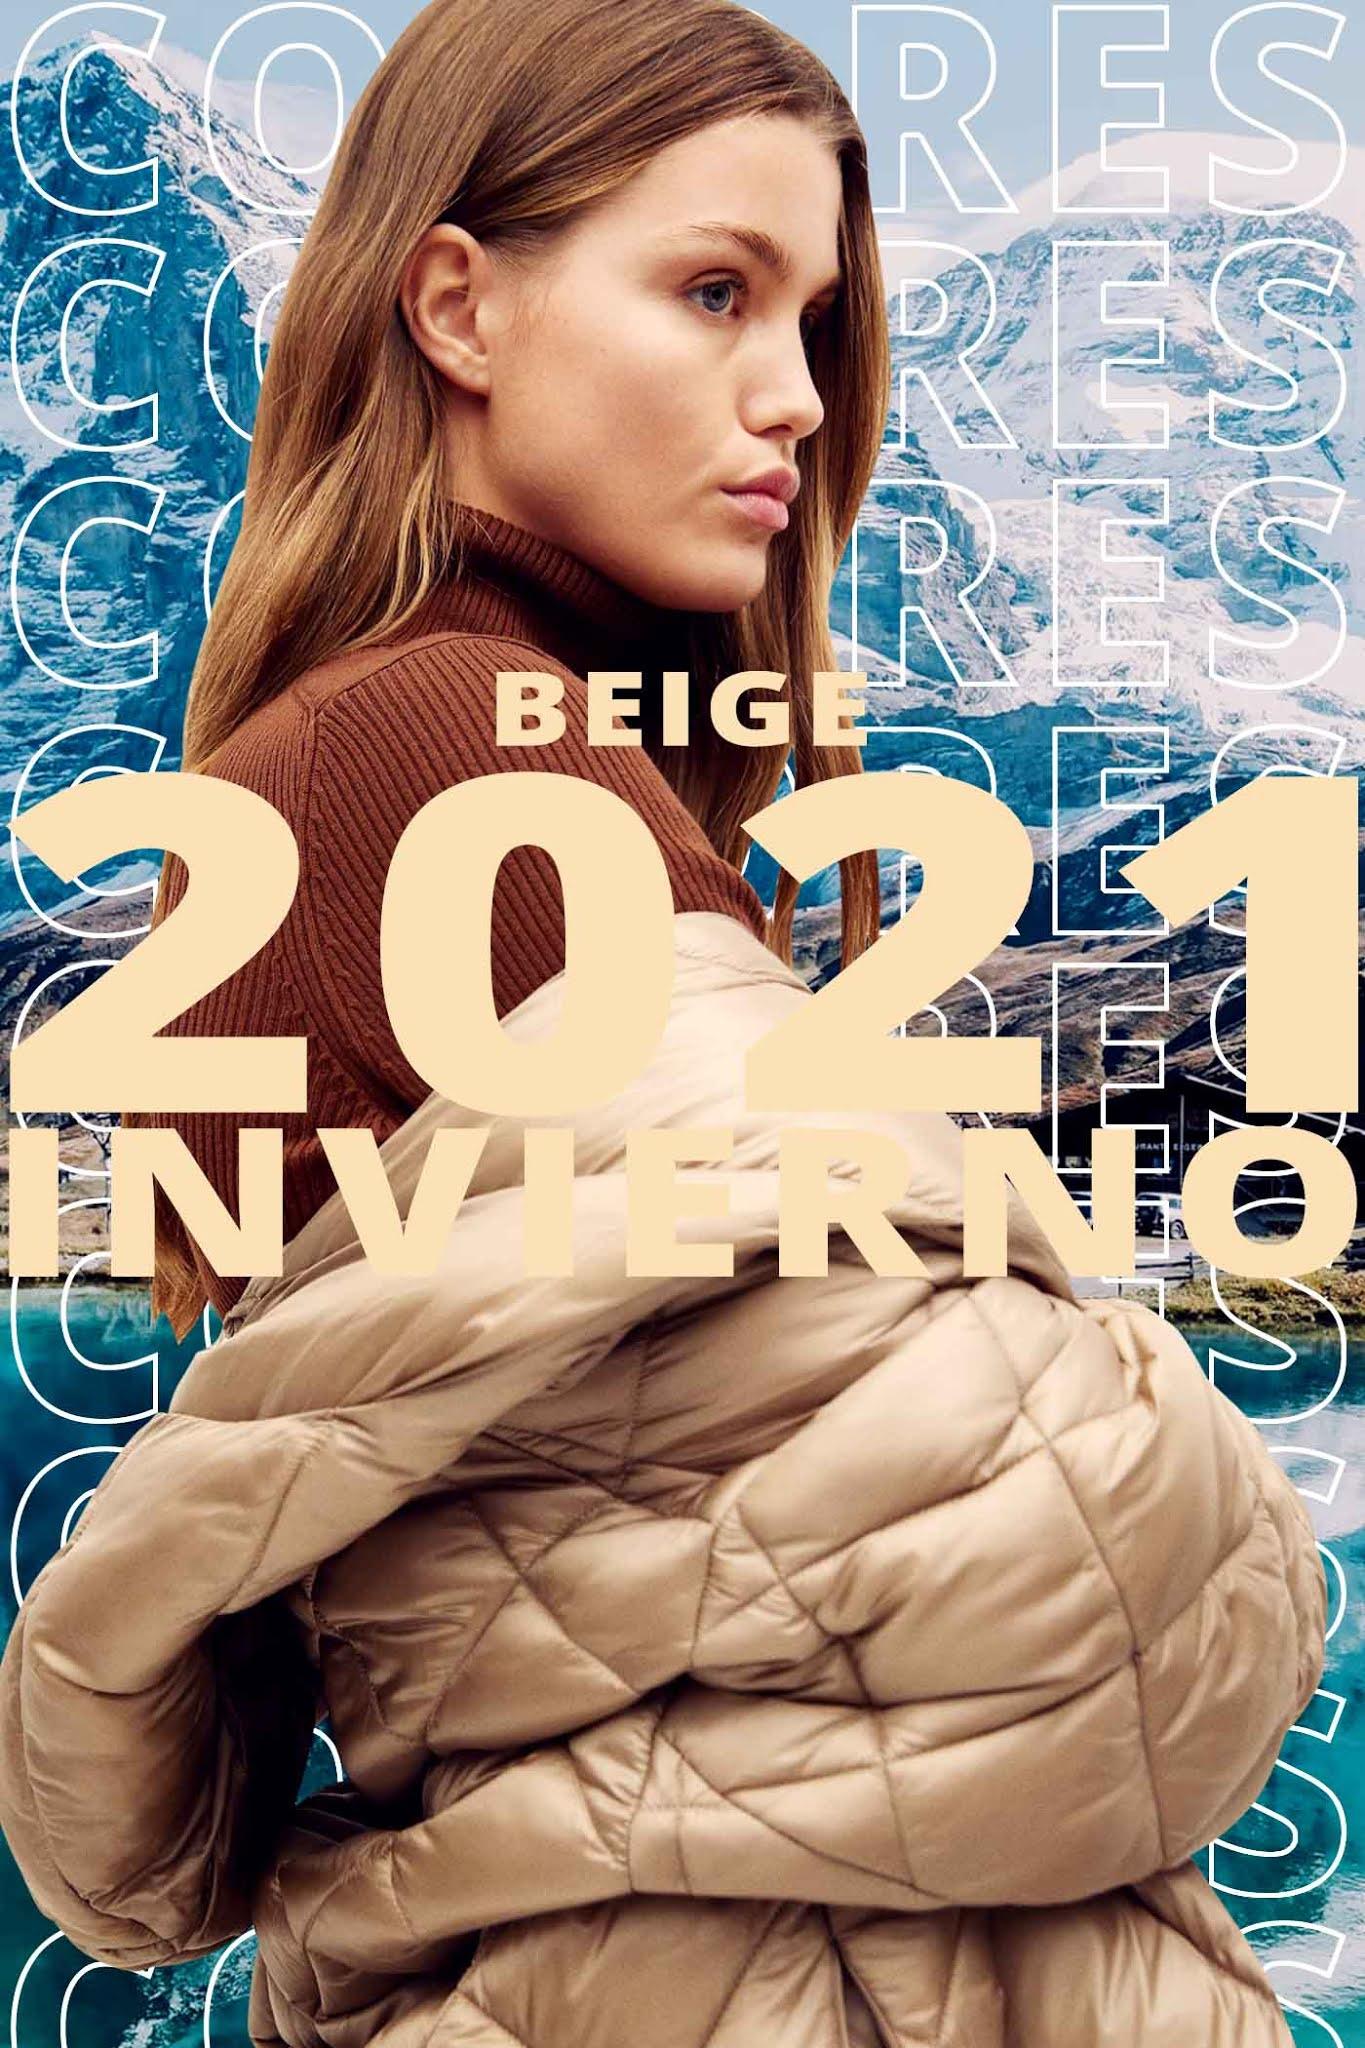 Color de moda invierno 2021 Beige